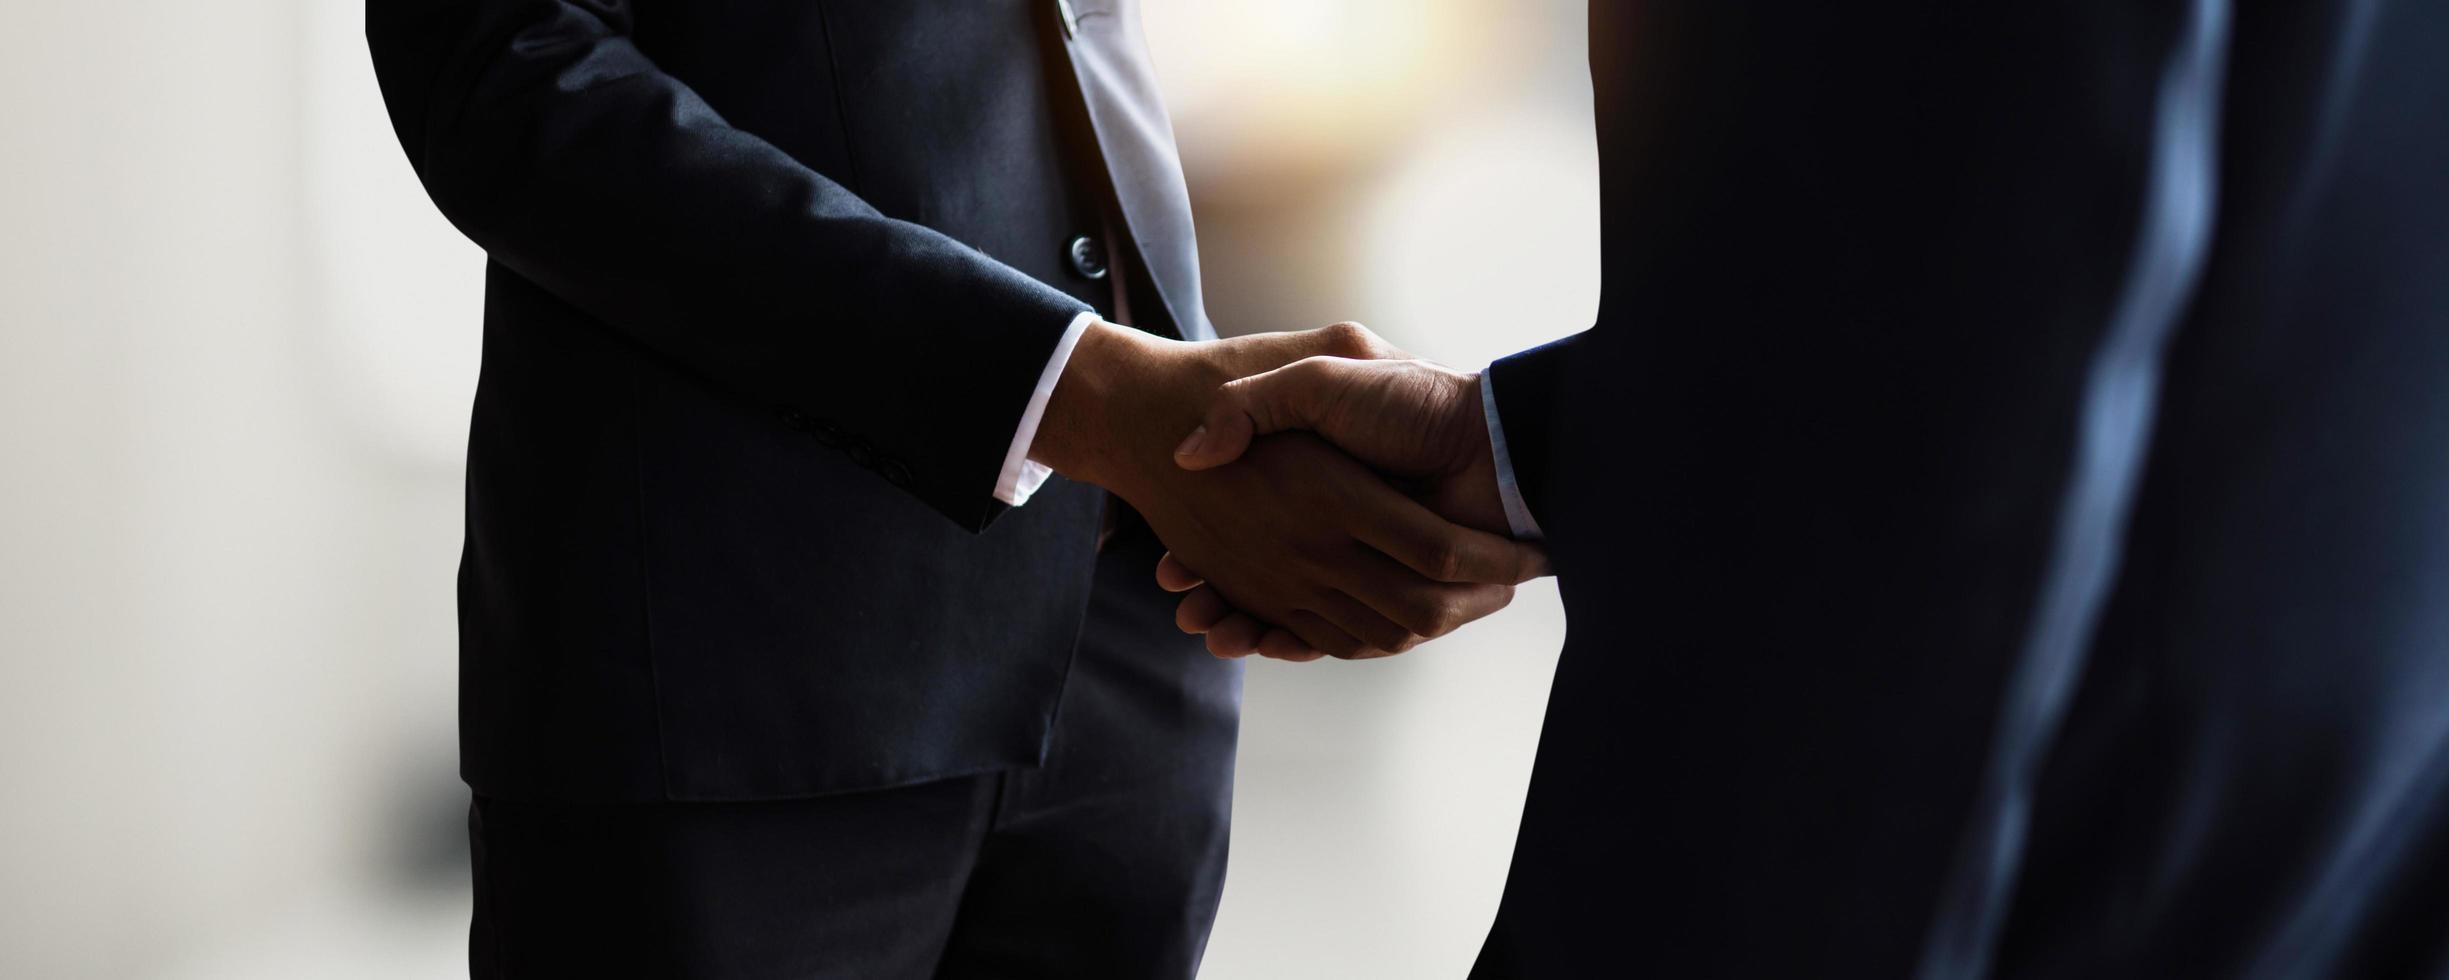 concepto exitoso de negociación y apretón de manos, dos hombres de negocios se dan la mano con el socio para la asociación de celebración y el trabajo en equipo, trato comercial foto